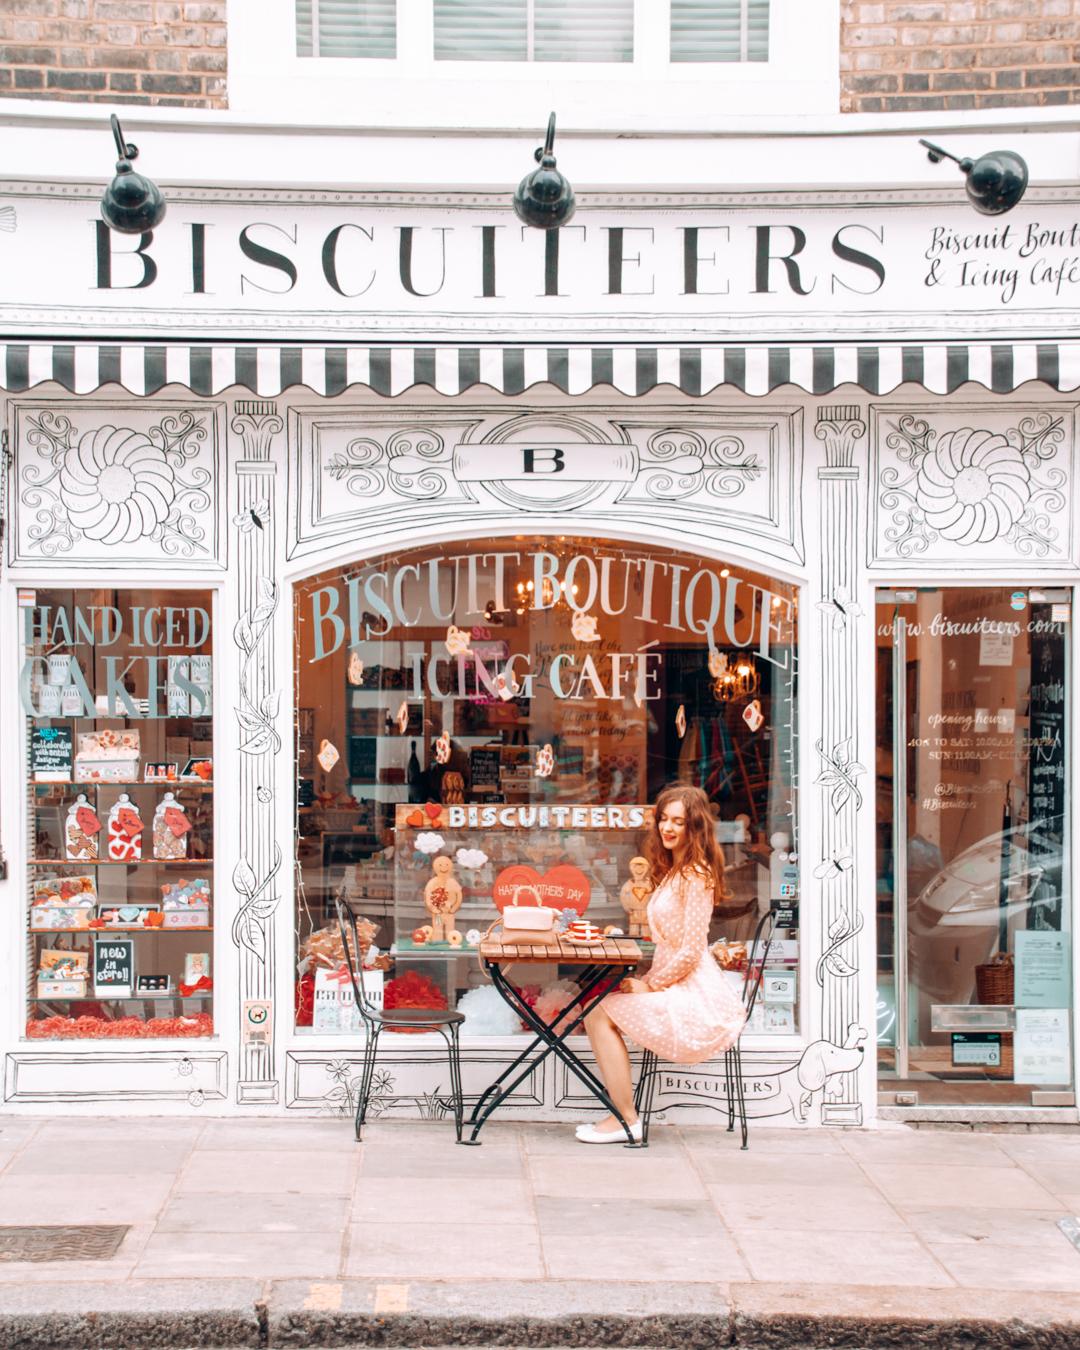 Instagrammable Biscuiteers in London